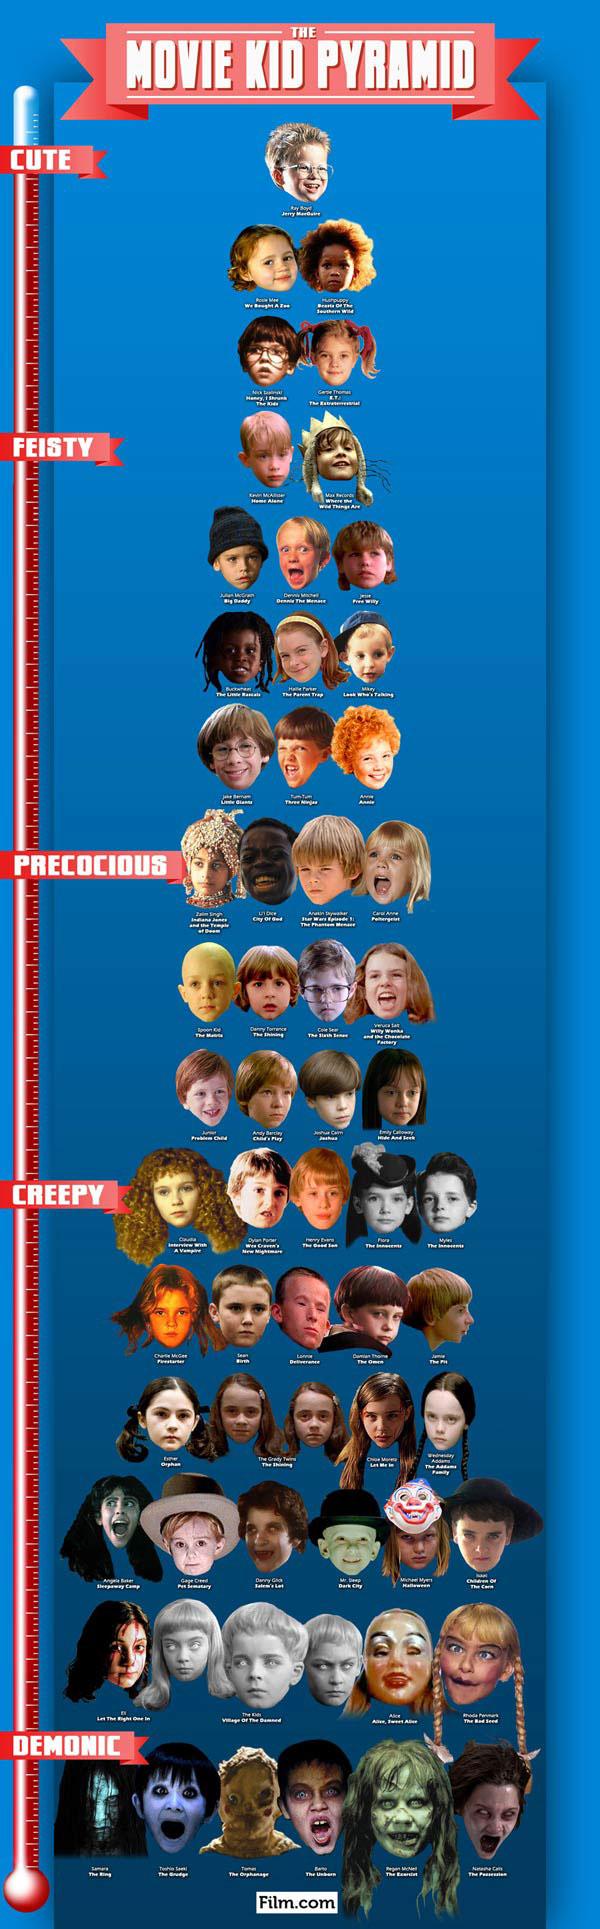 The-Movie-Kid-Pyramid